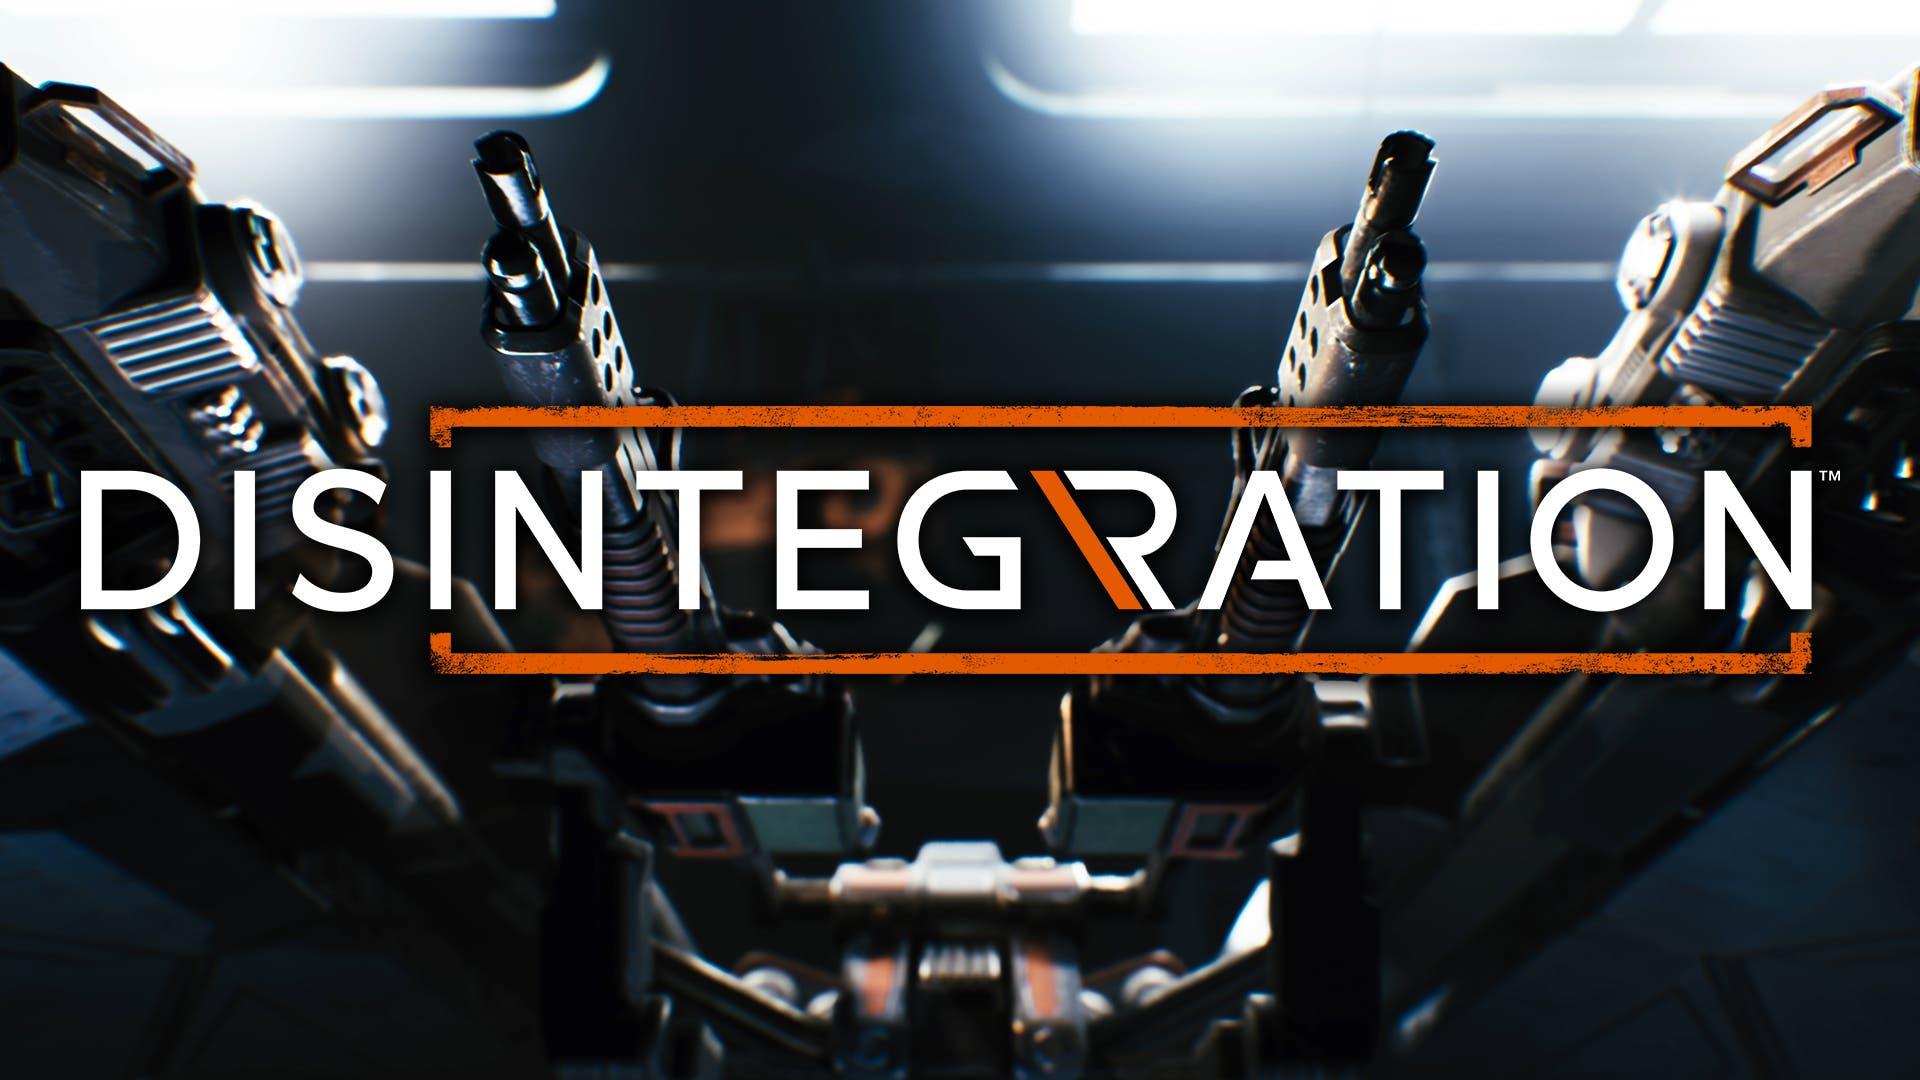 Imagen de Disintegration, lo nuevo del creador de Halo, se presenta con un misterioso teaser